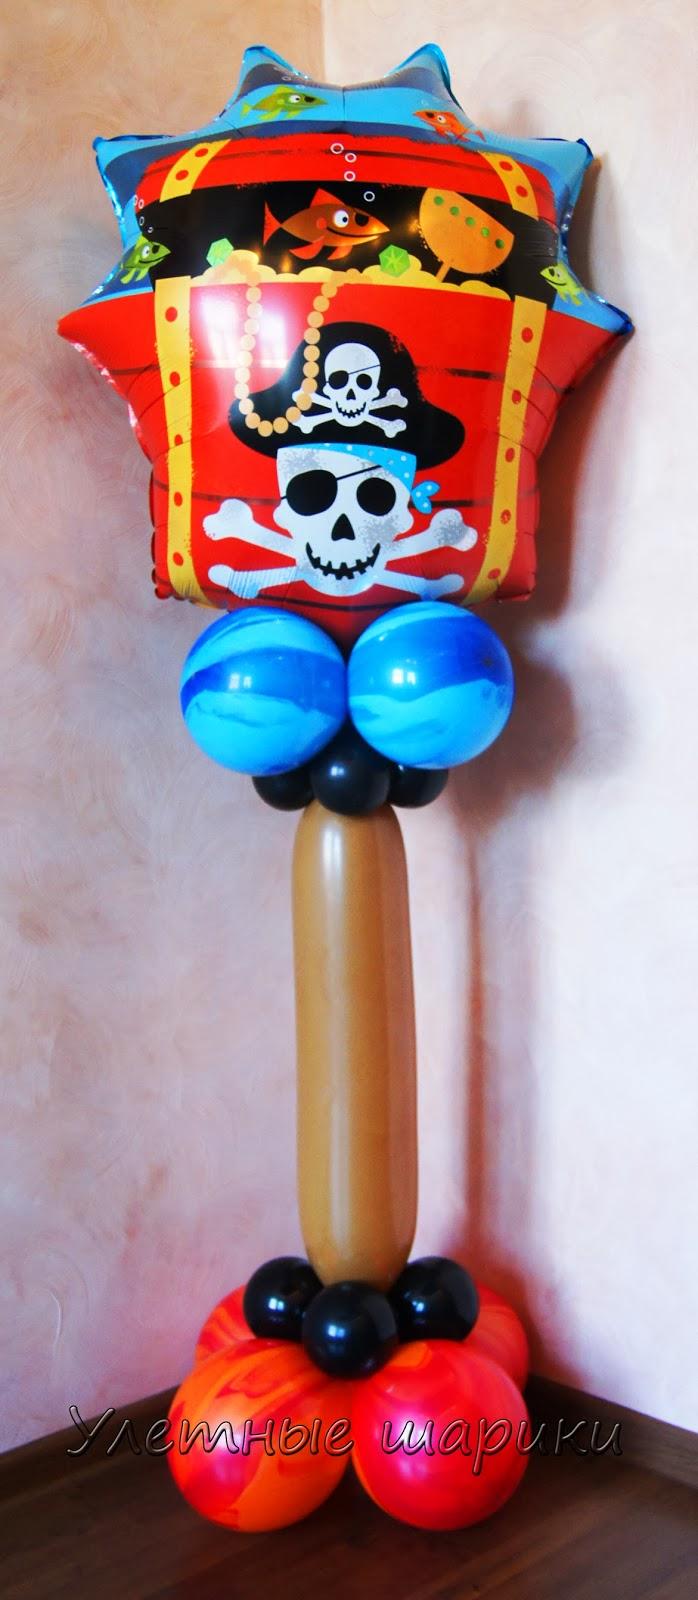 Пиратский сундук из воздушных шариков